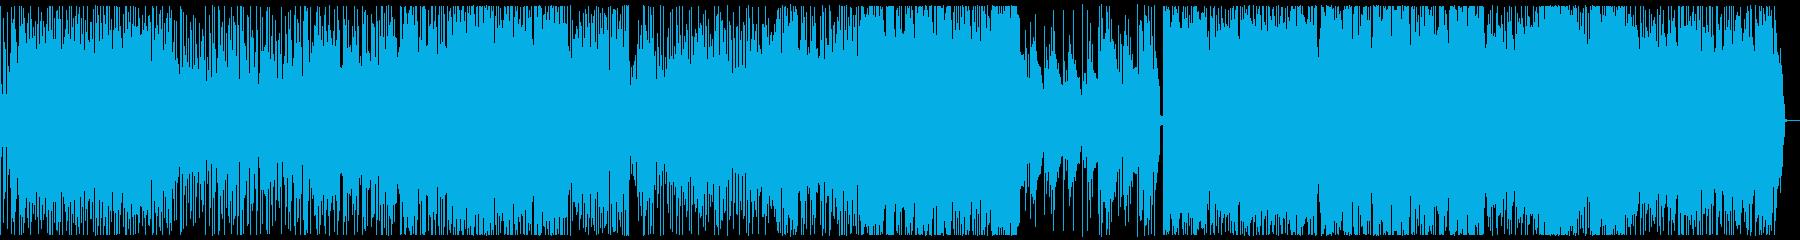 ベースがかっこいい!お洒落なJ-POPの再生済みの波形